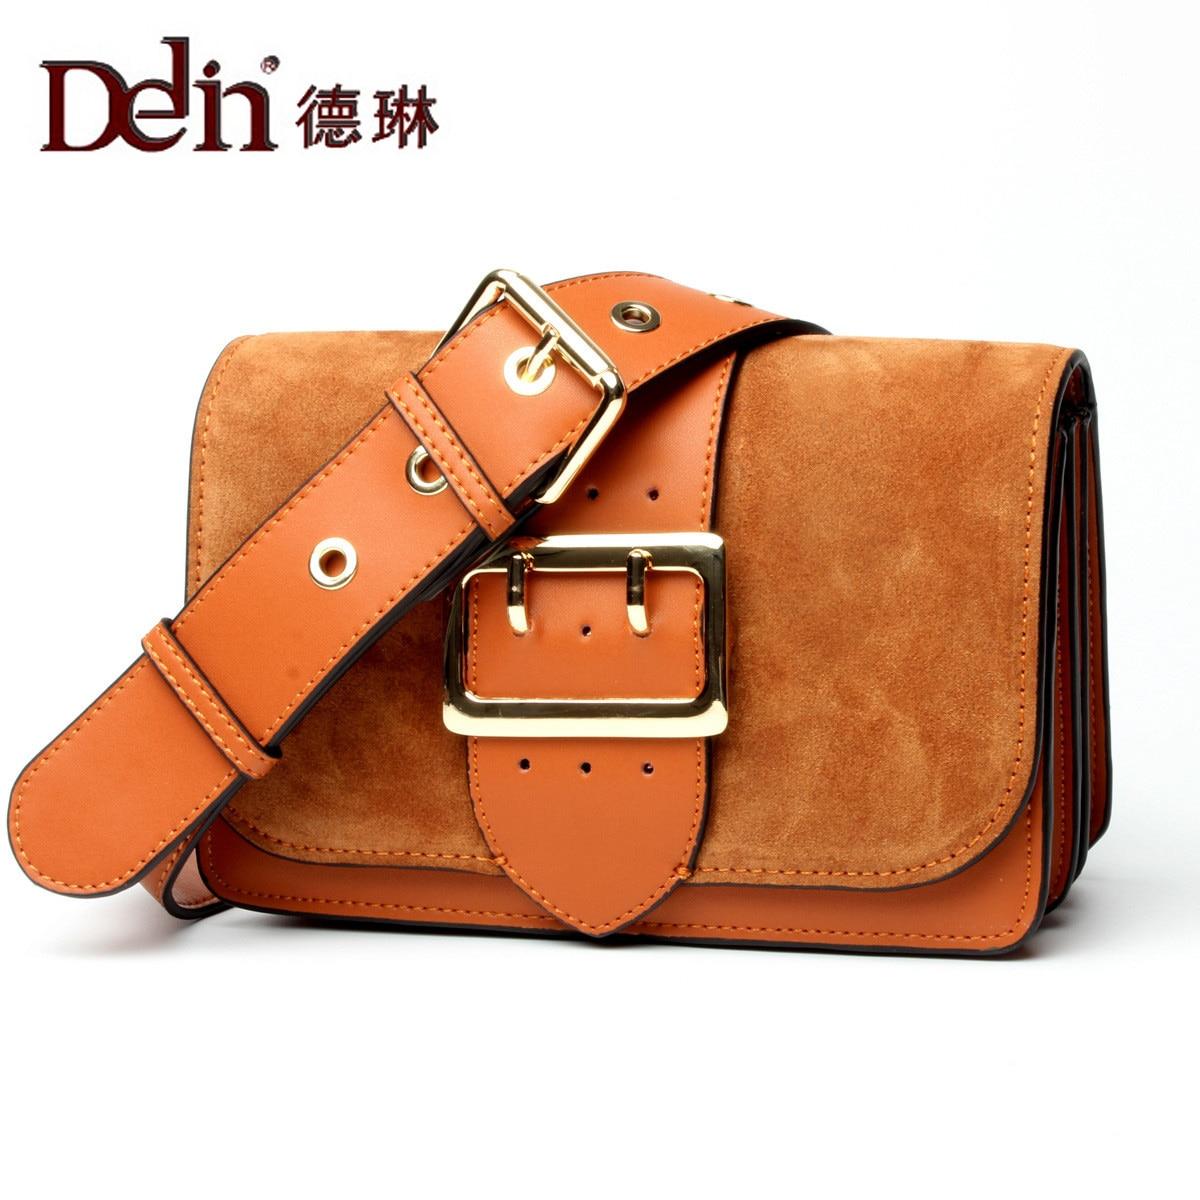 DELIN Female bag 2017 new tide leather handbag fashion leisure shoulder oblique cross bag  leather bag